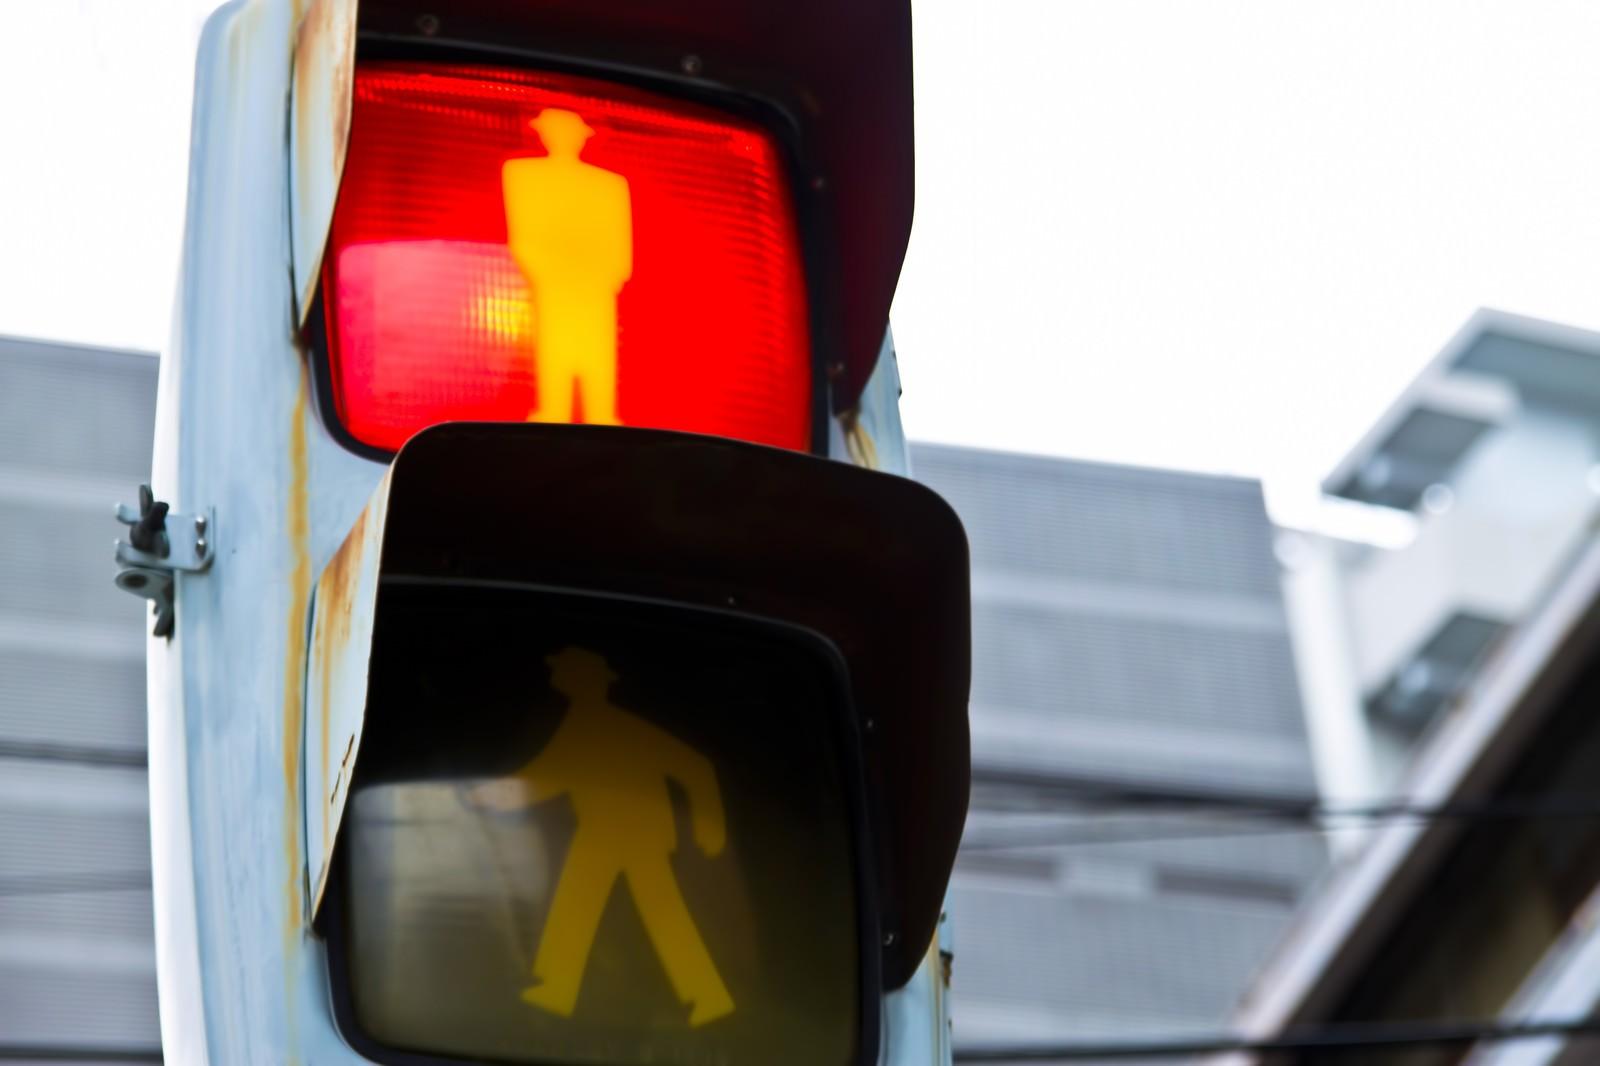 「歩行者用信号機」の写真